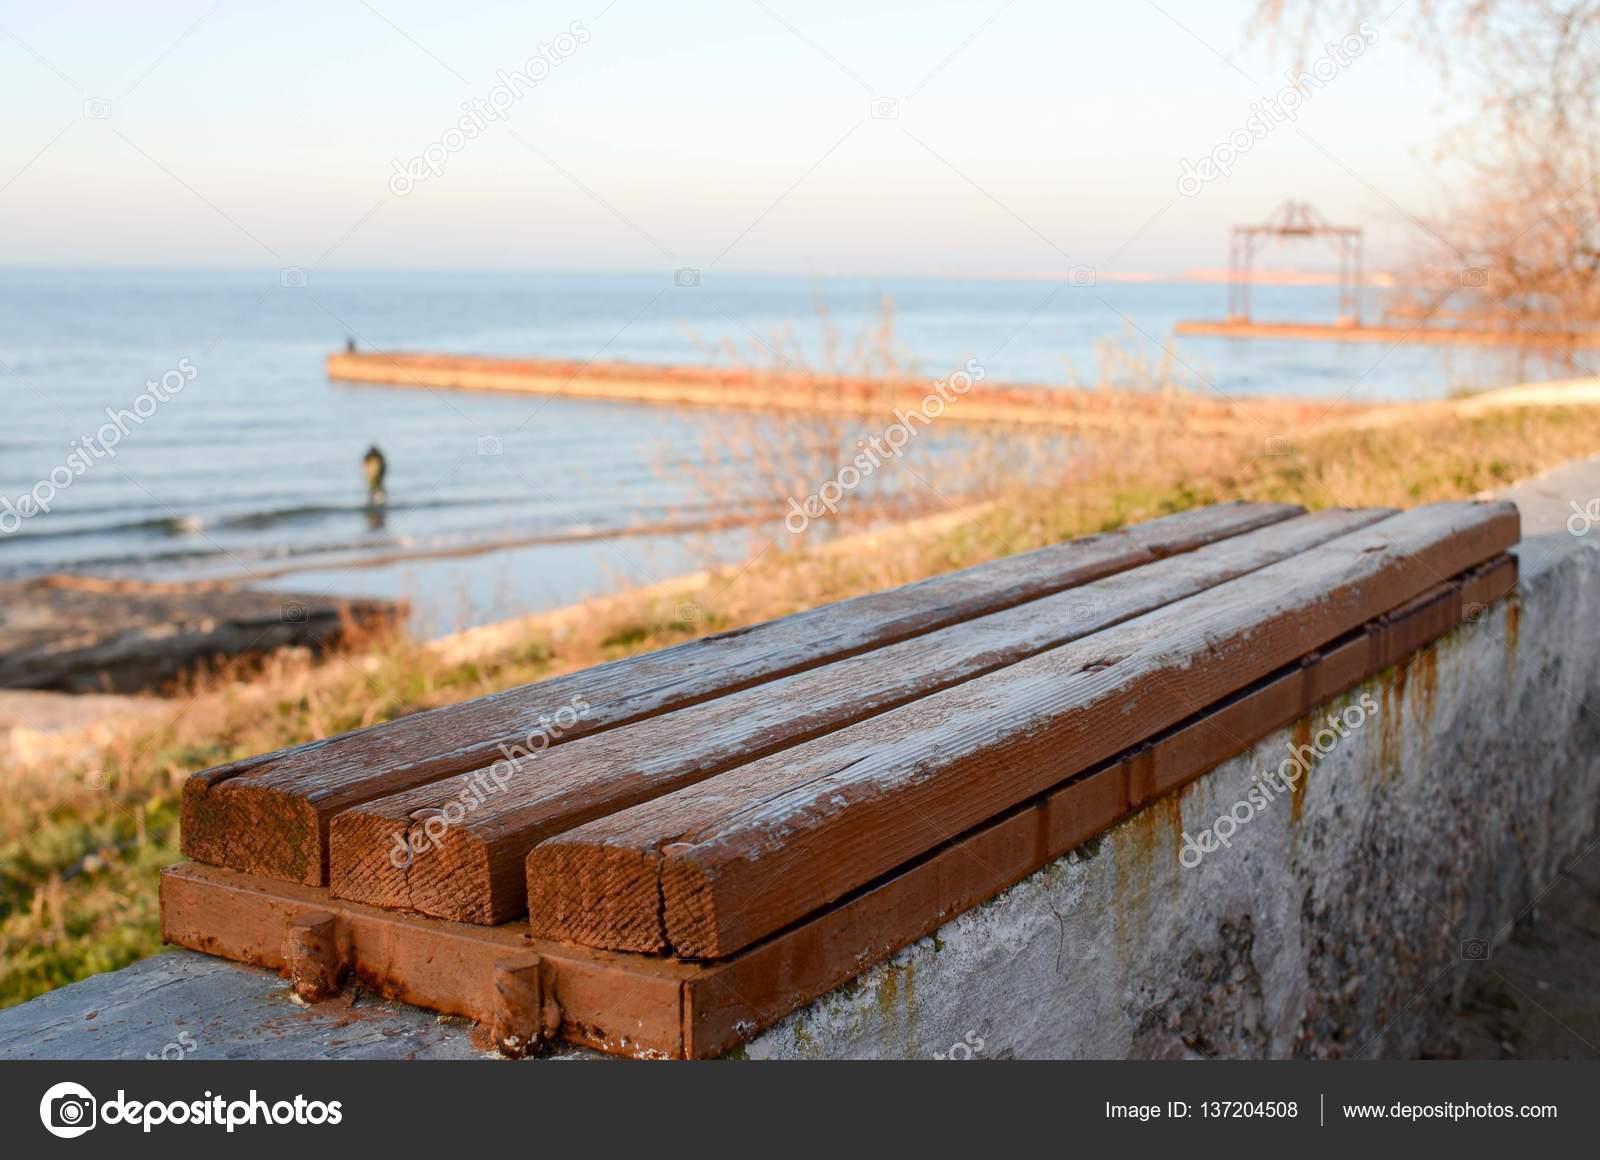 Panchina Lungomare : Panchina sul lungomare della crimea mar nero u2014 foto stock © olkacf